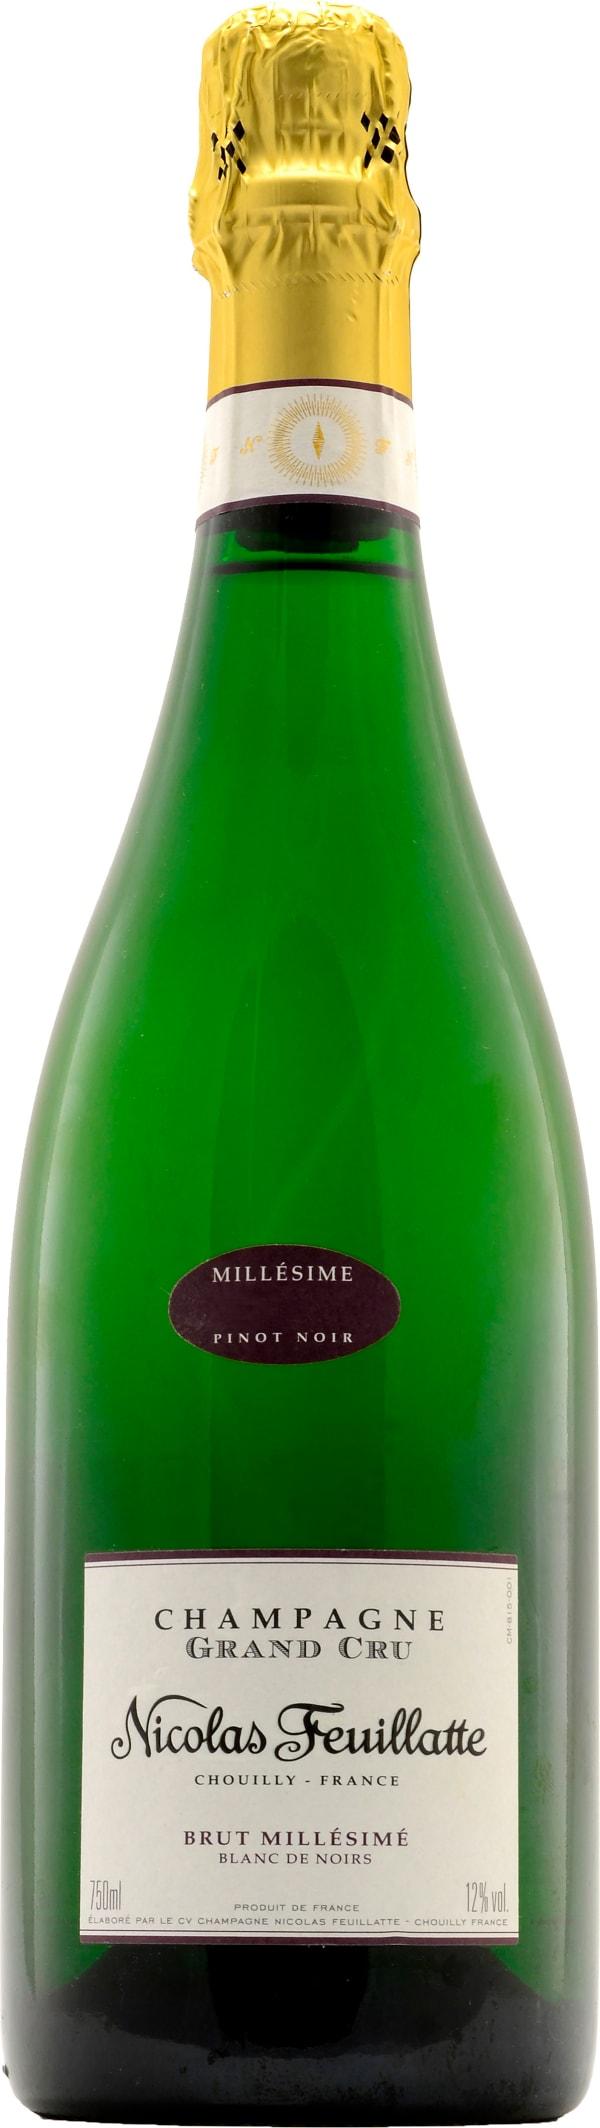 Nicolas Feuillatte Grand Cru Blanc de Noirs Champagne Brut 2010